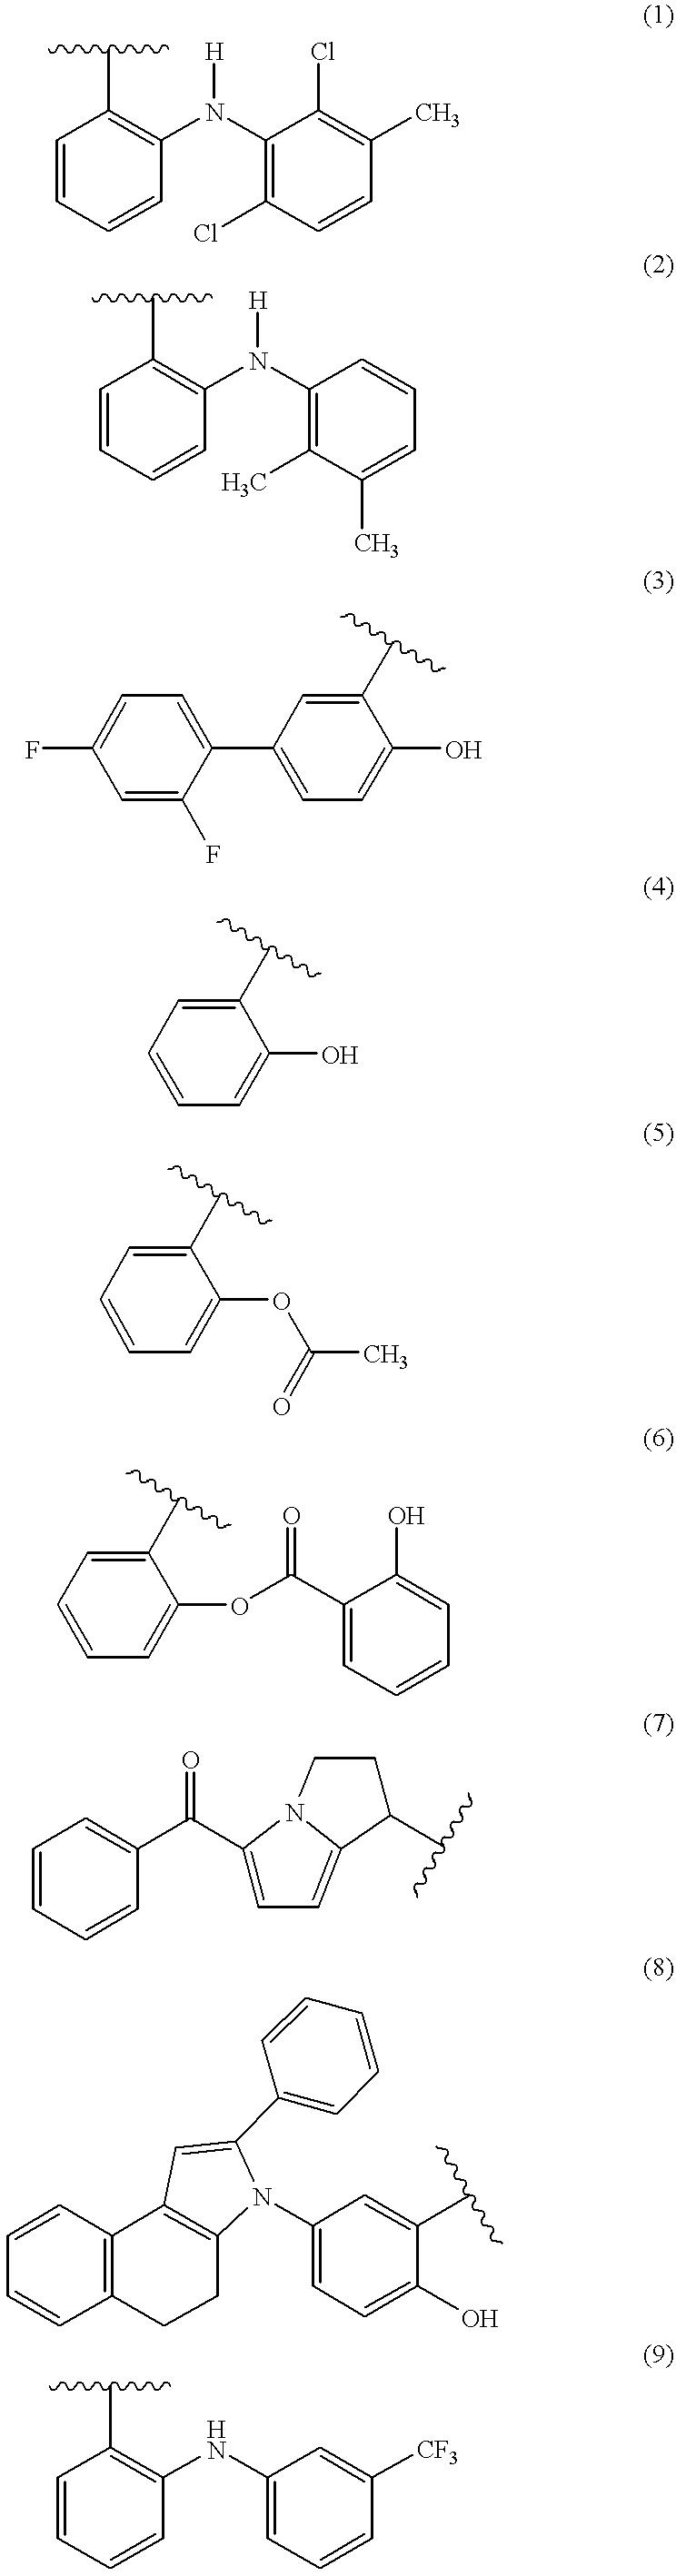 Figure US06297260-20011002-C00024